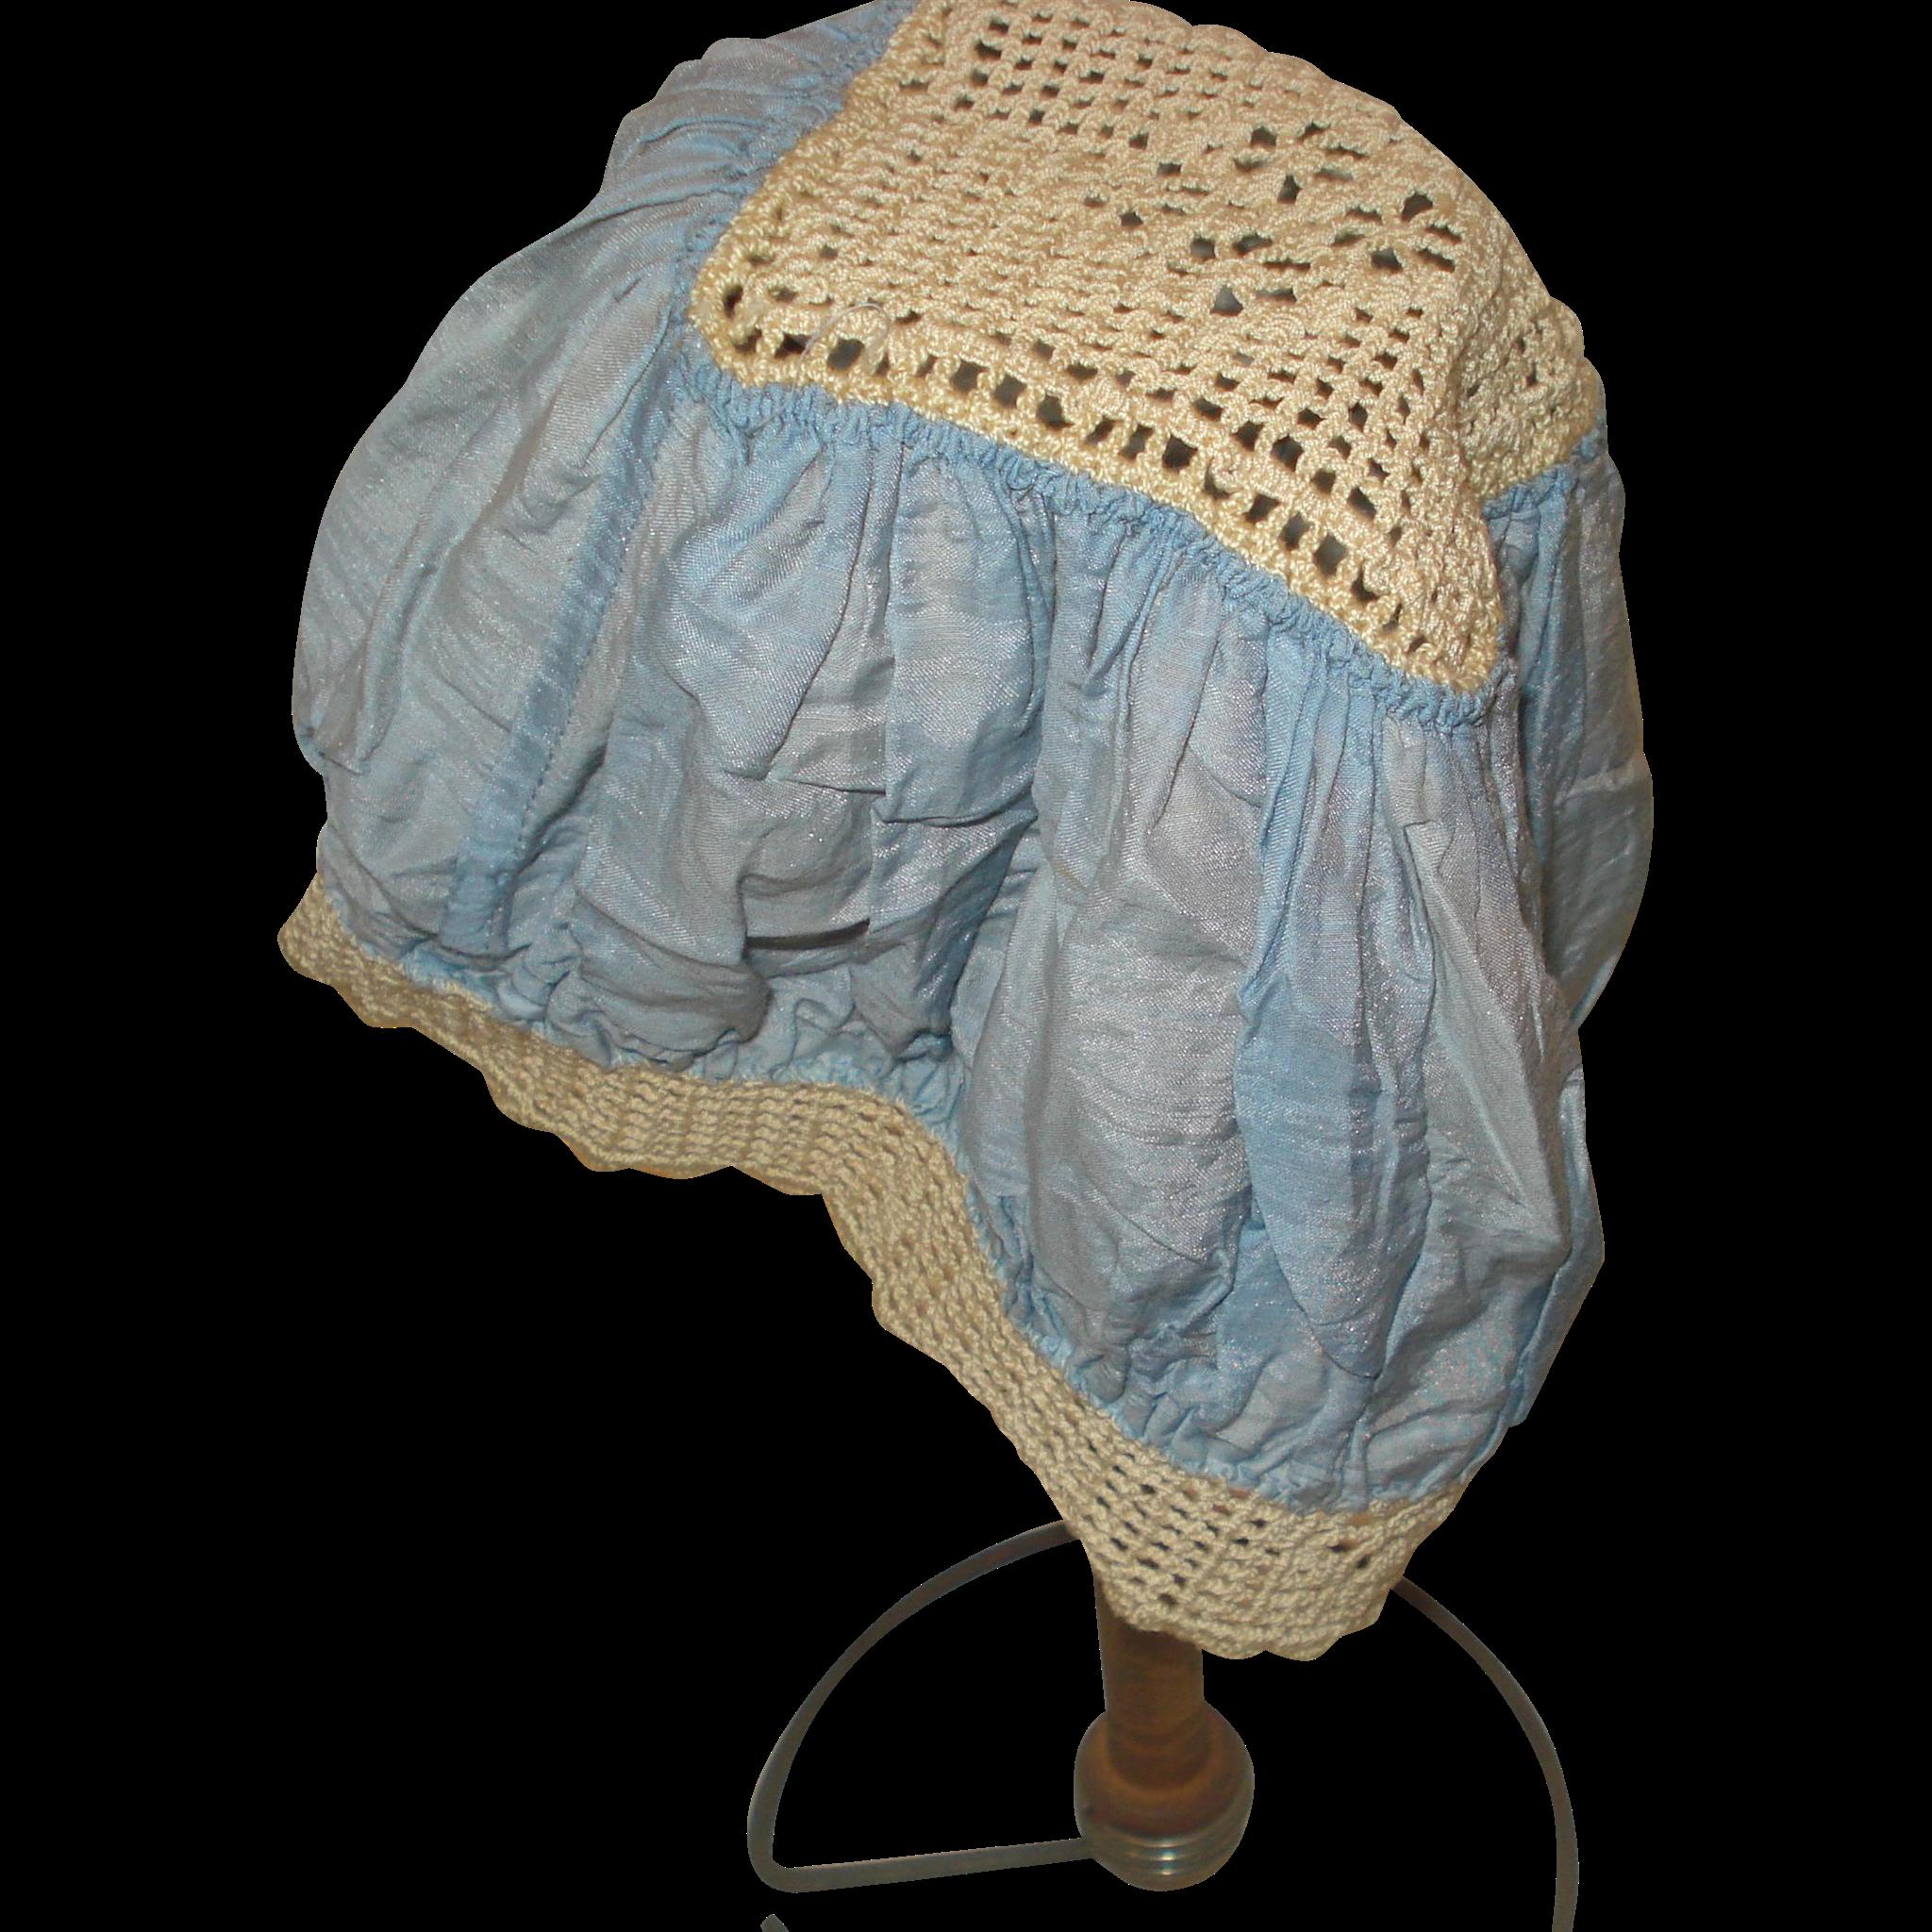 Vintage Silk Sleeping Cap